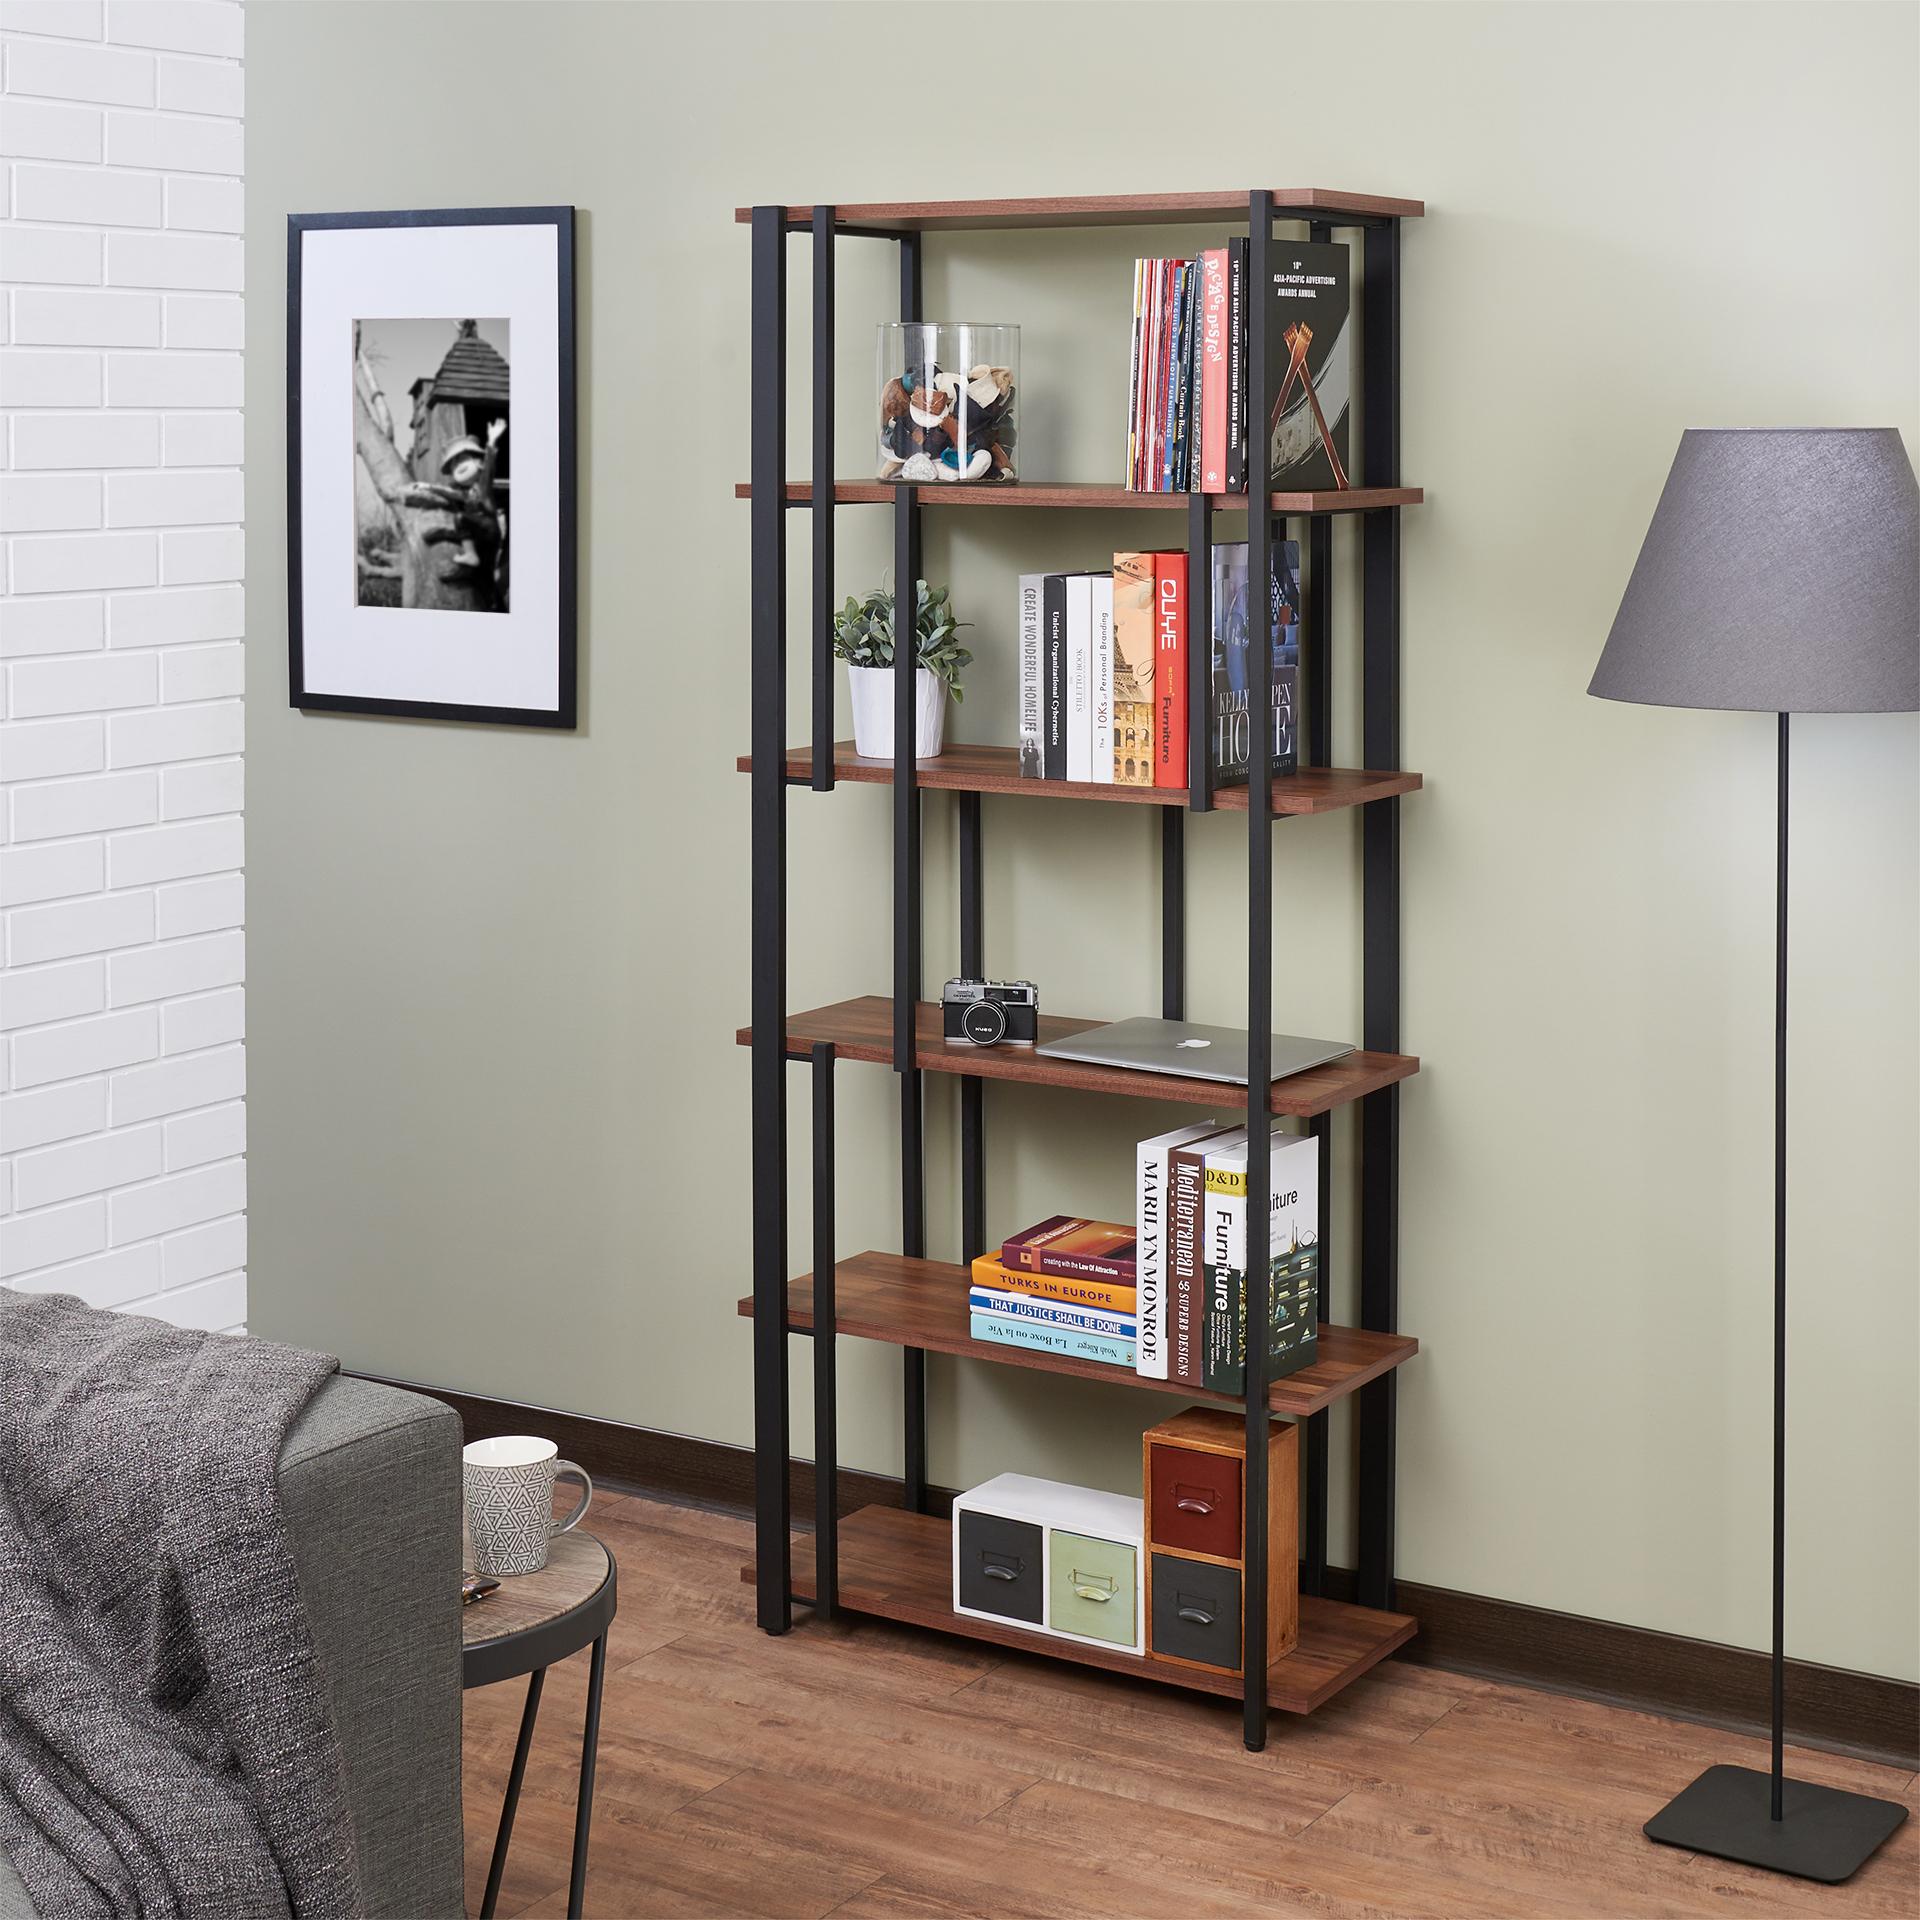 Libreria Scorrevole Fai Da Te ricerca di retro libreria in teak scuro | sviluppo